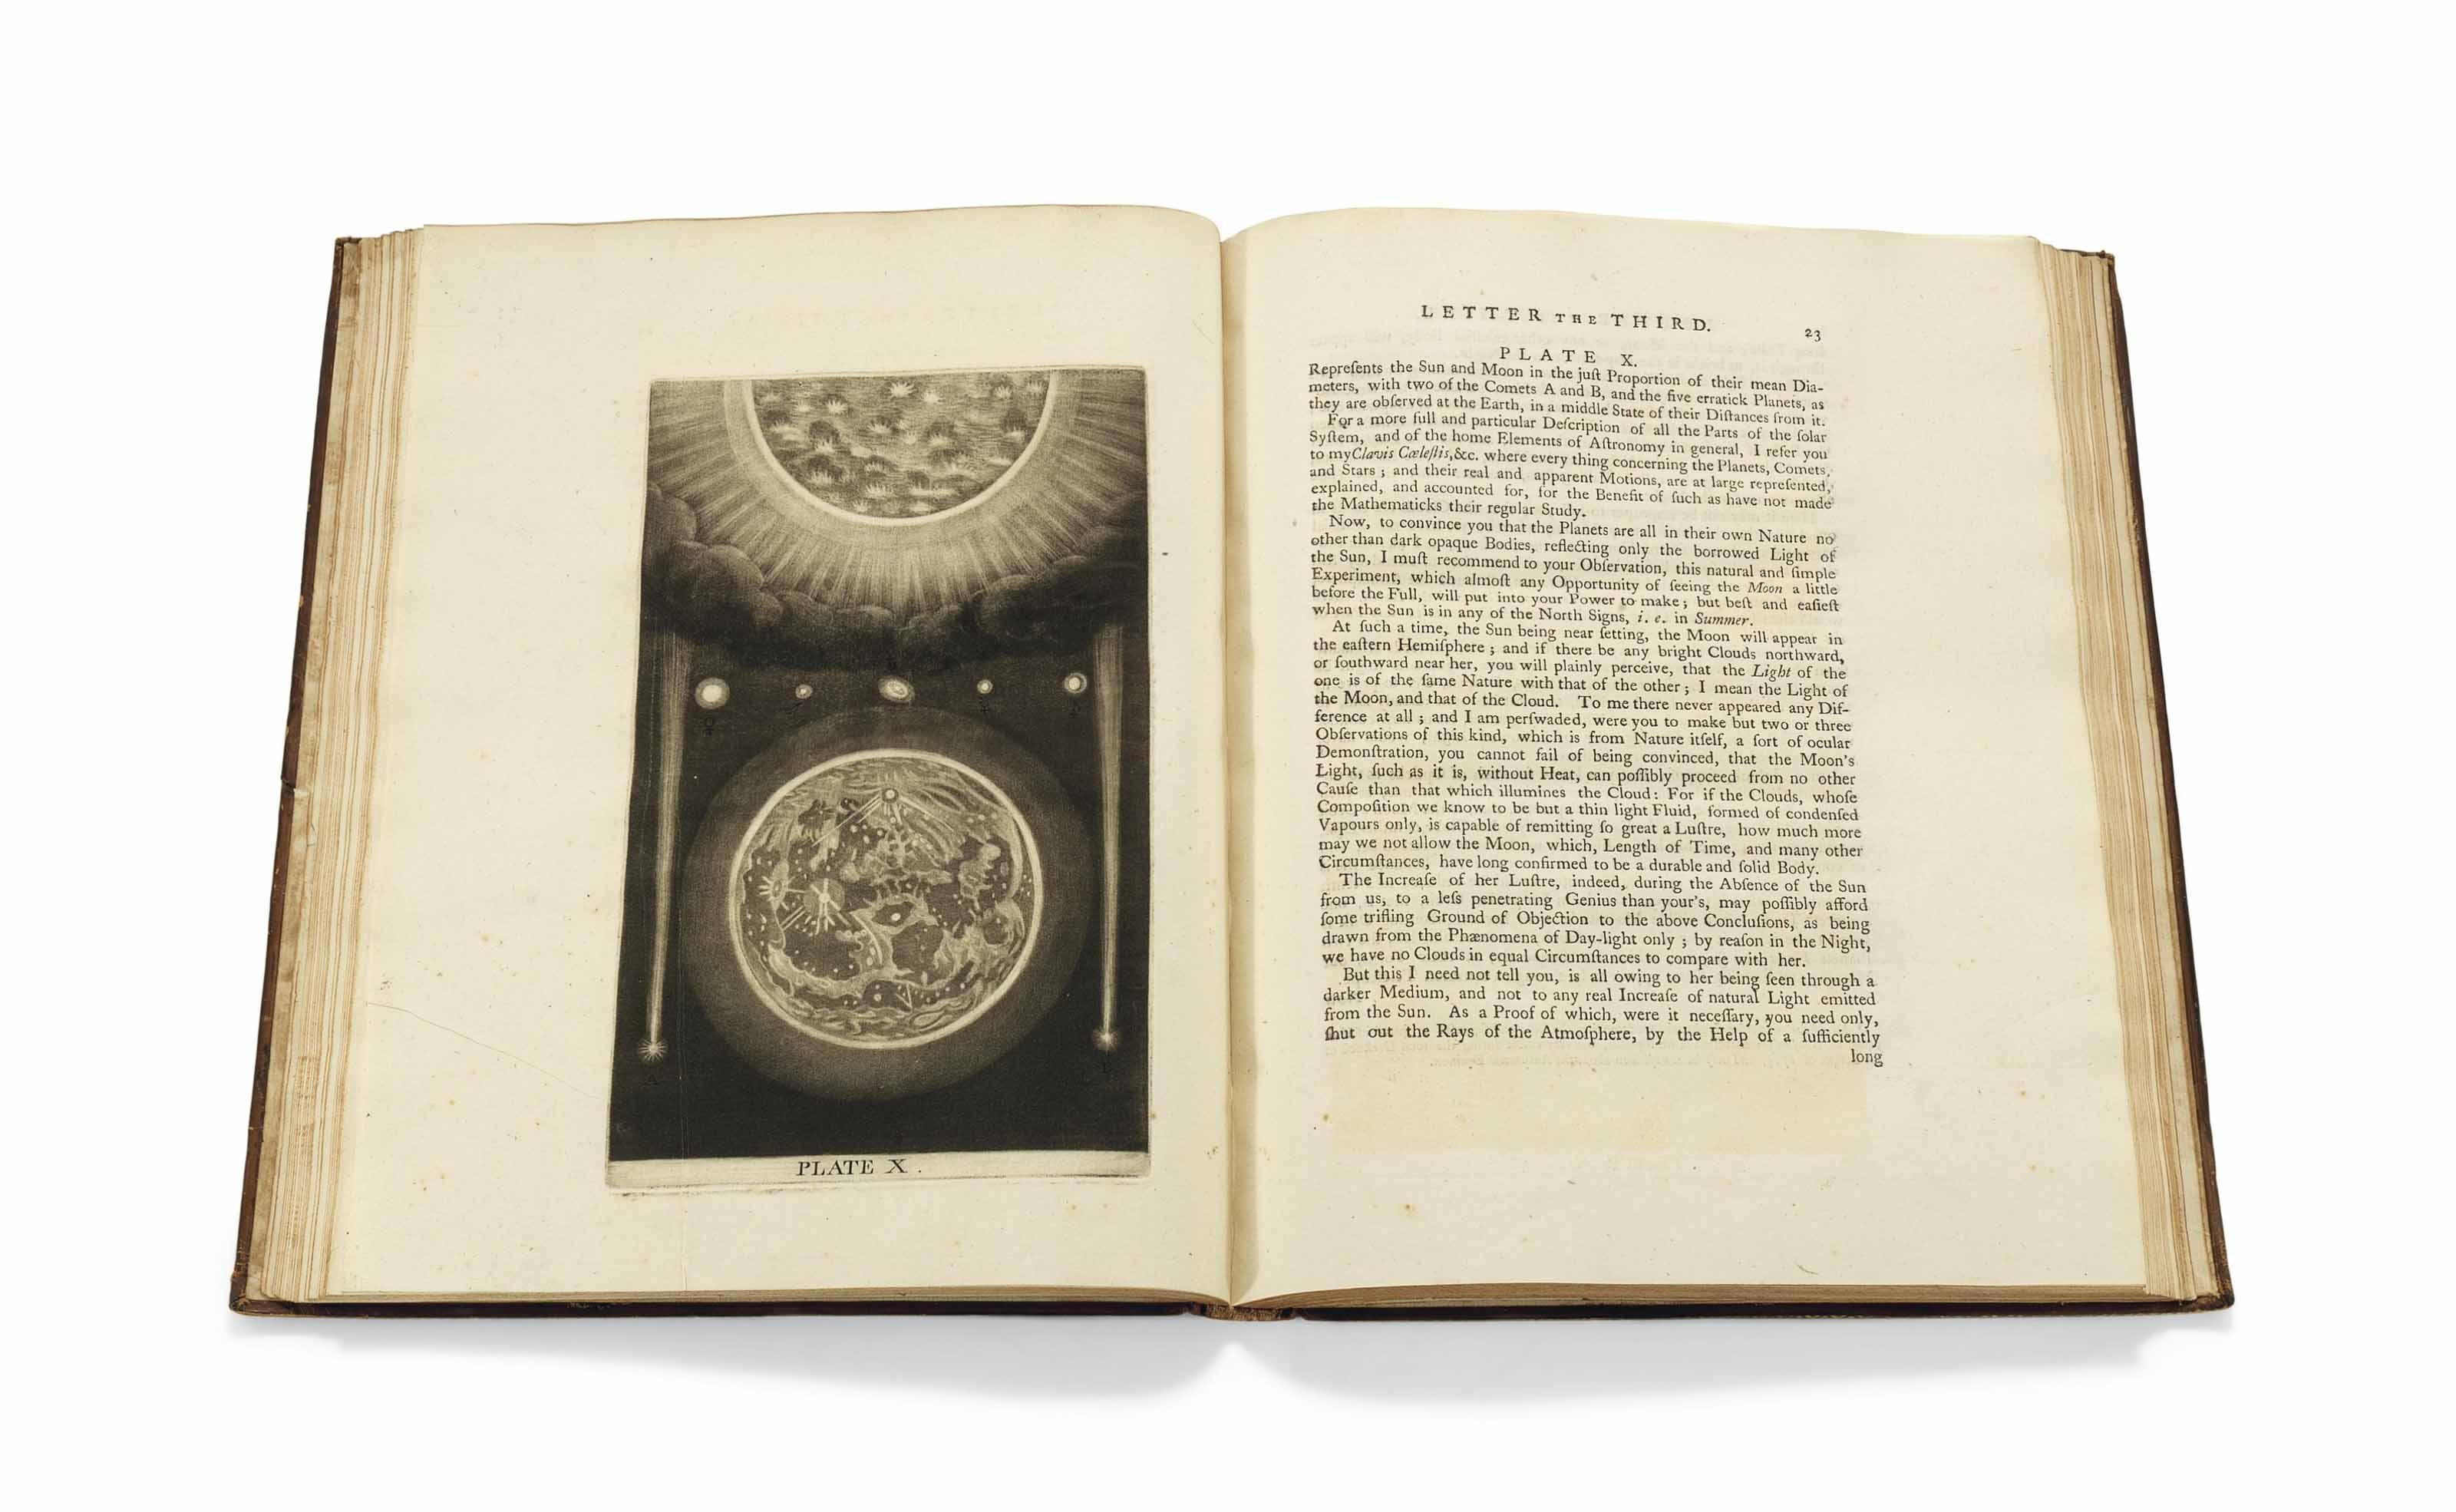 WRIGHT, Thomas (1711-1786). An